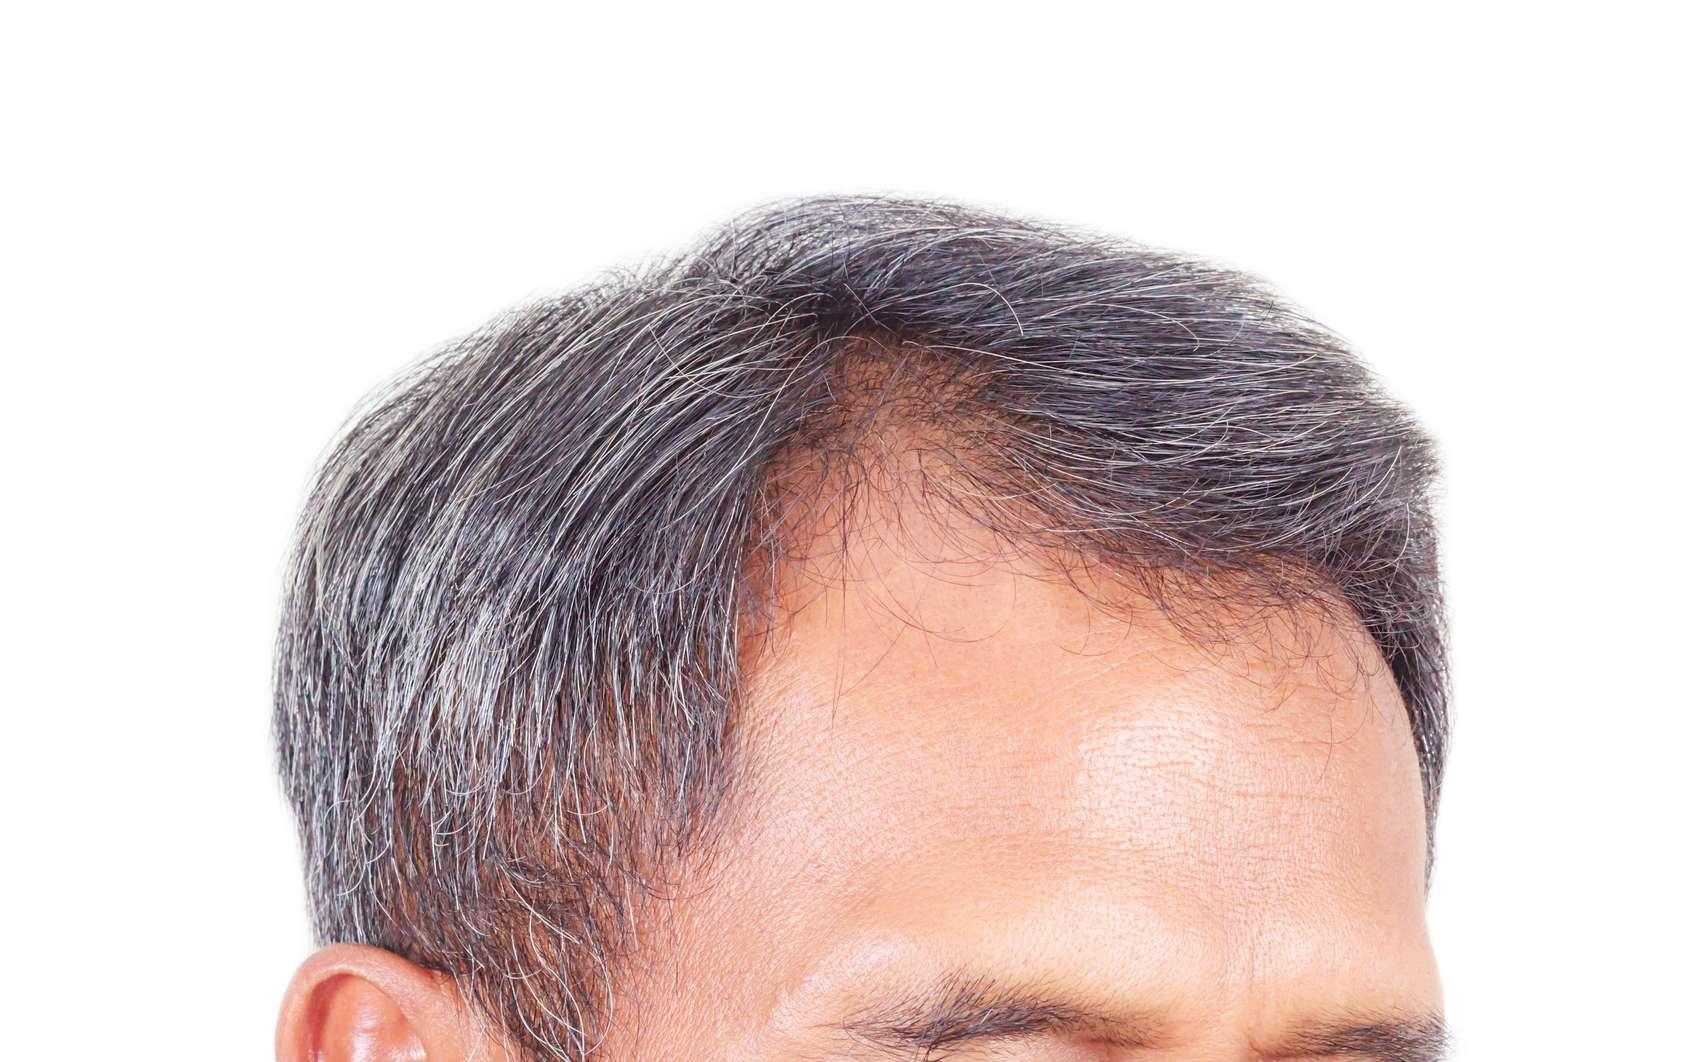 Les chercheurs ont identifié deux protéines qui seraient importantes pour la croissance et la pigmentation du cheveu. © phatthanit, Fotolia